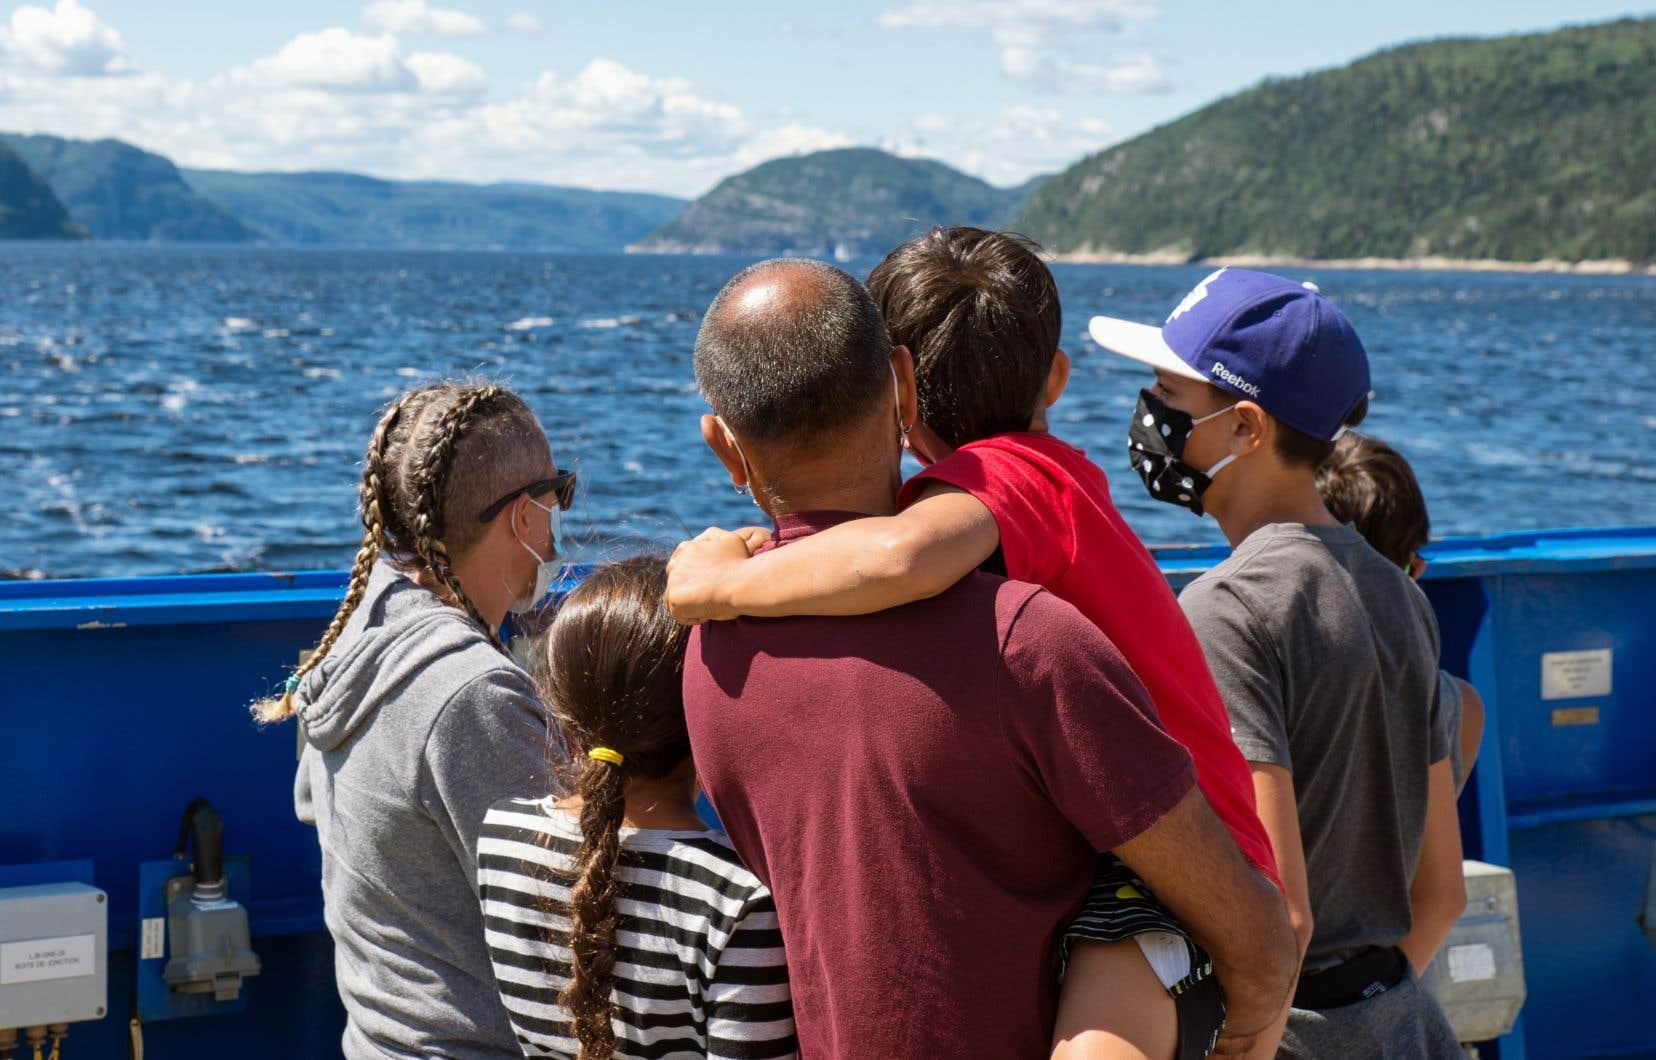 Au chapitre de l'aide au développement régional (523millions en cinq ans), l'industrie touristique québécoise bénéficiera du plus gros coup de pouce, avec une aide de 205millions qui viendra s'ajouter aux 750millions déjà annoncés au printemps dernier.